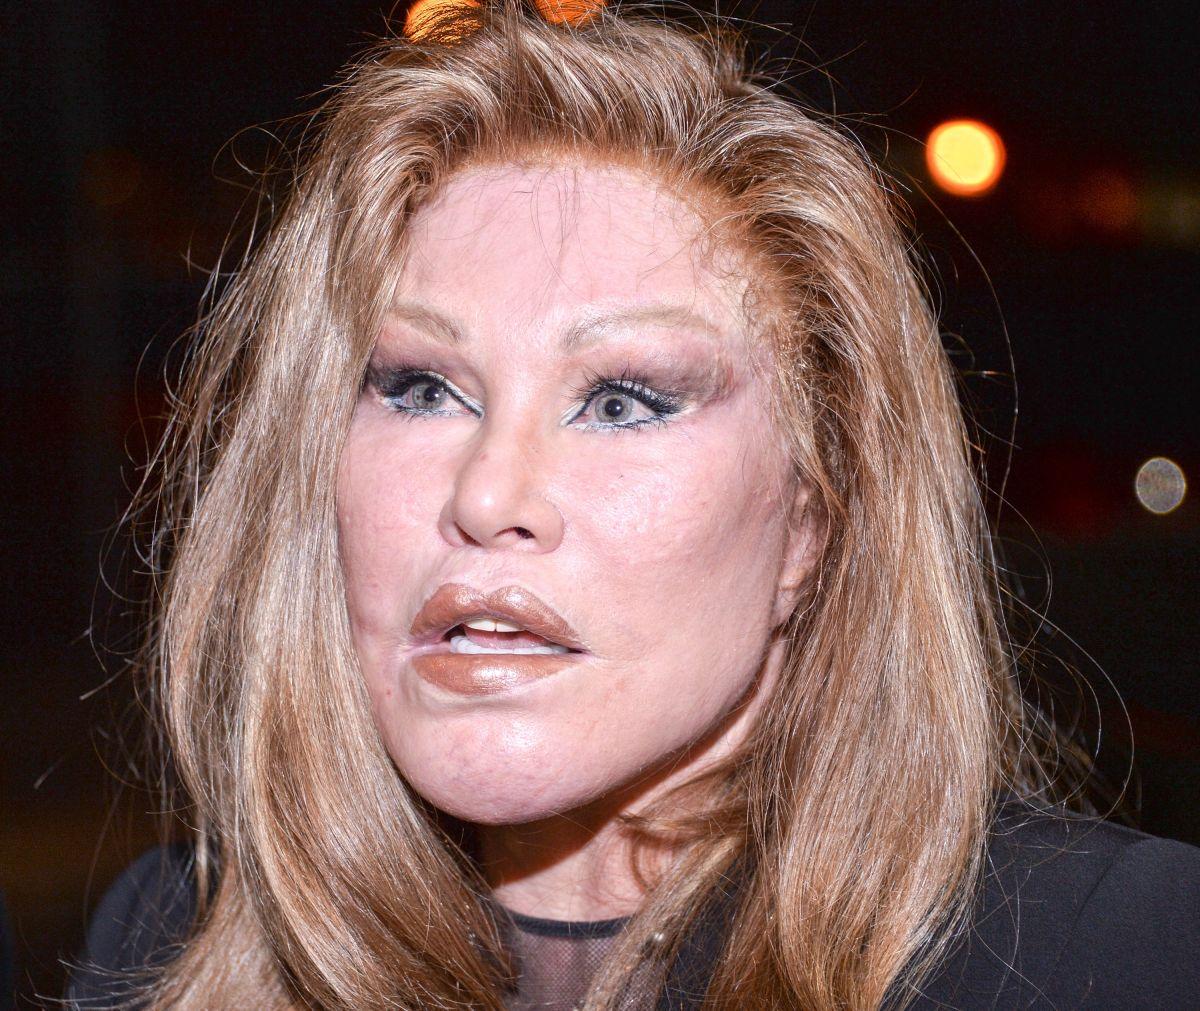 Jocelyne Wildenstein se ha realizado varias cirugías estéticas.